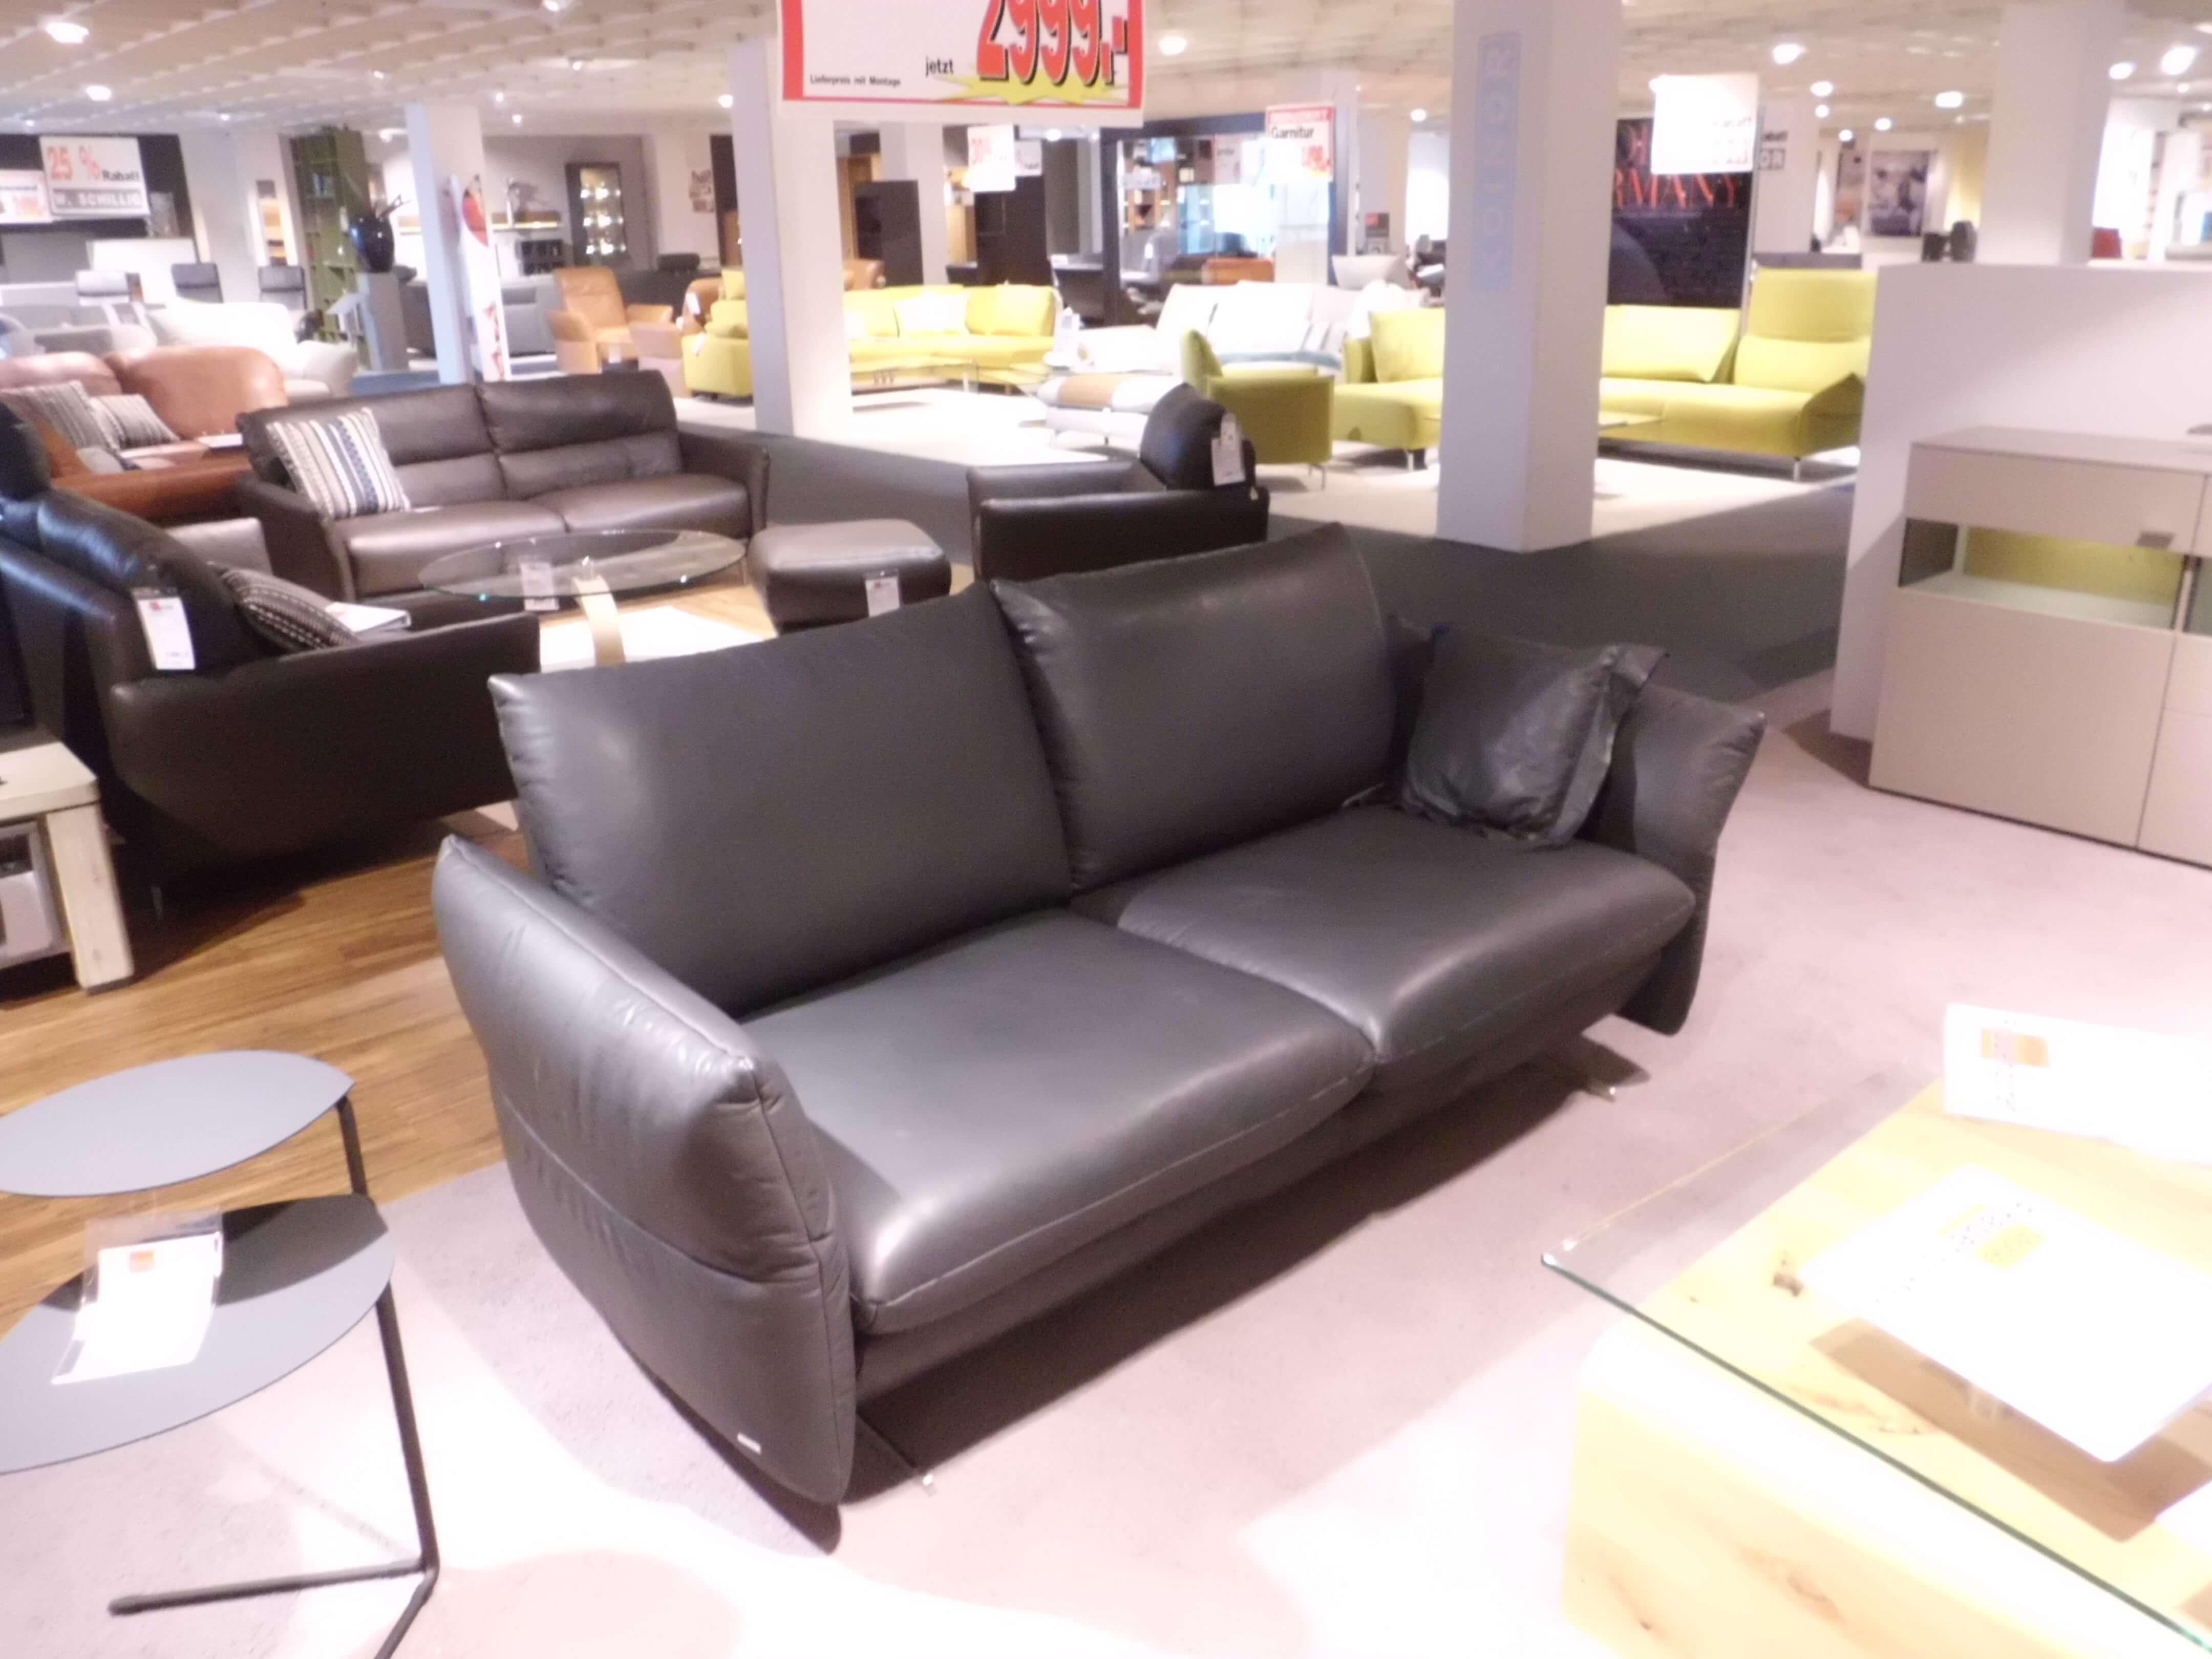 wohnzimmer reduziert im abverkauf bei m bel frauendorfer. Black Bedroom Furniture Sets. Home Design Ideas